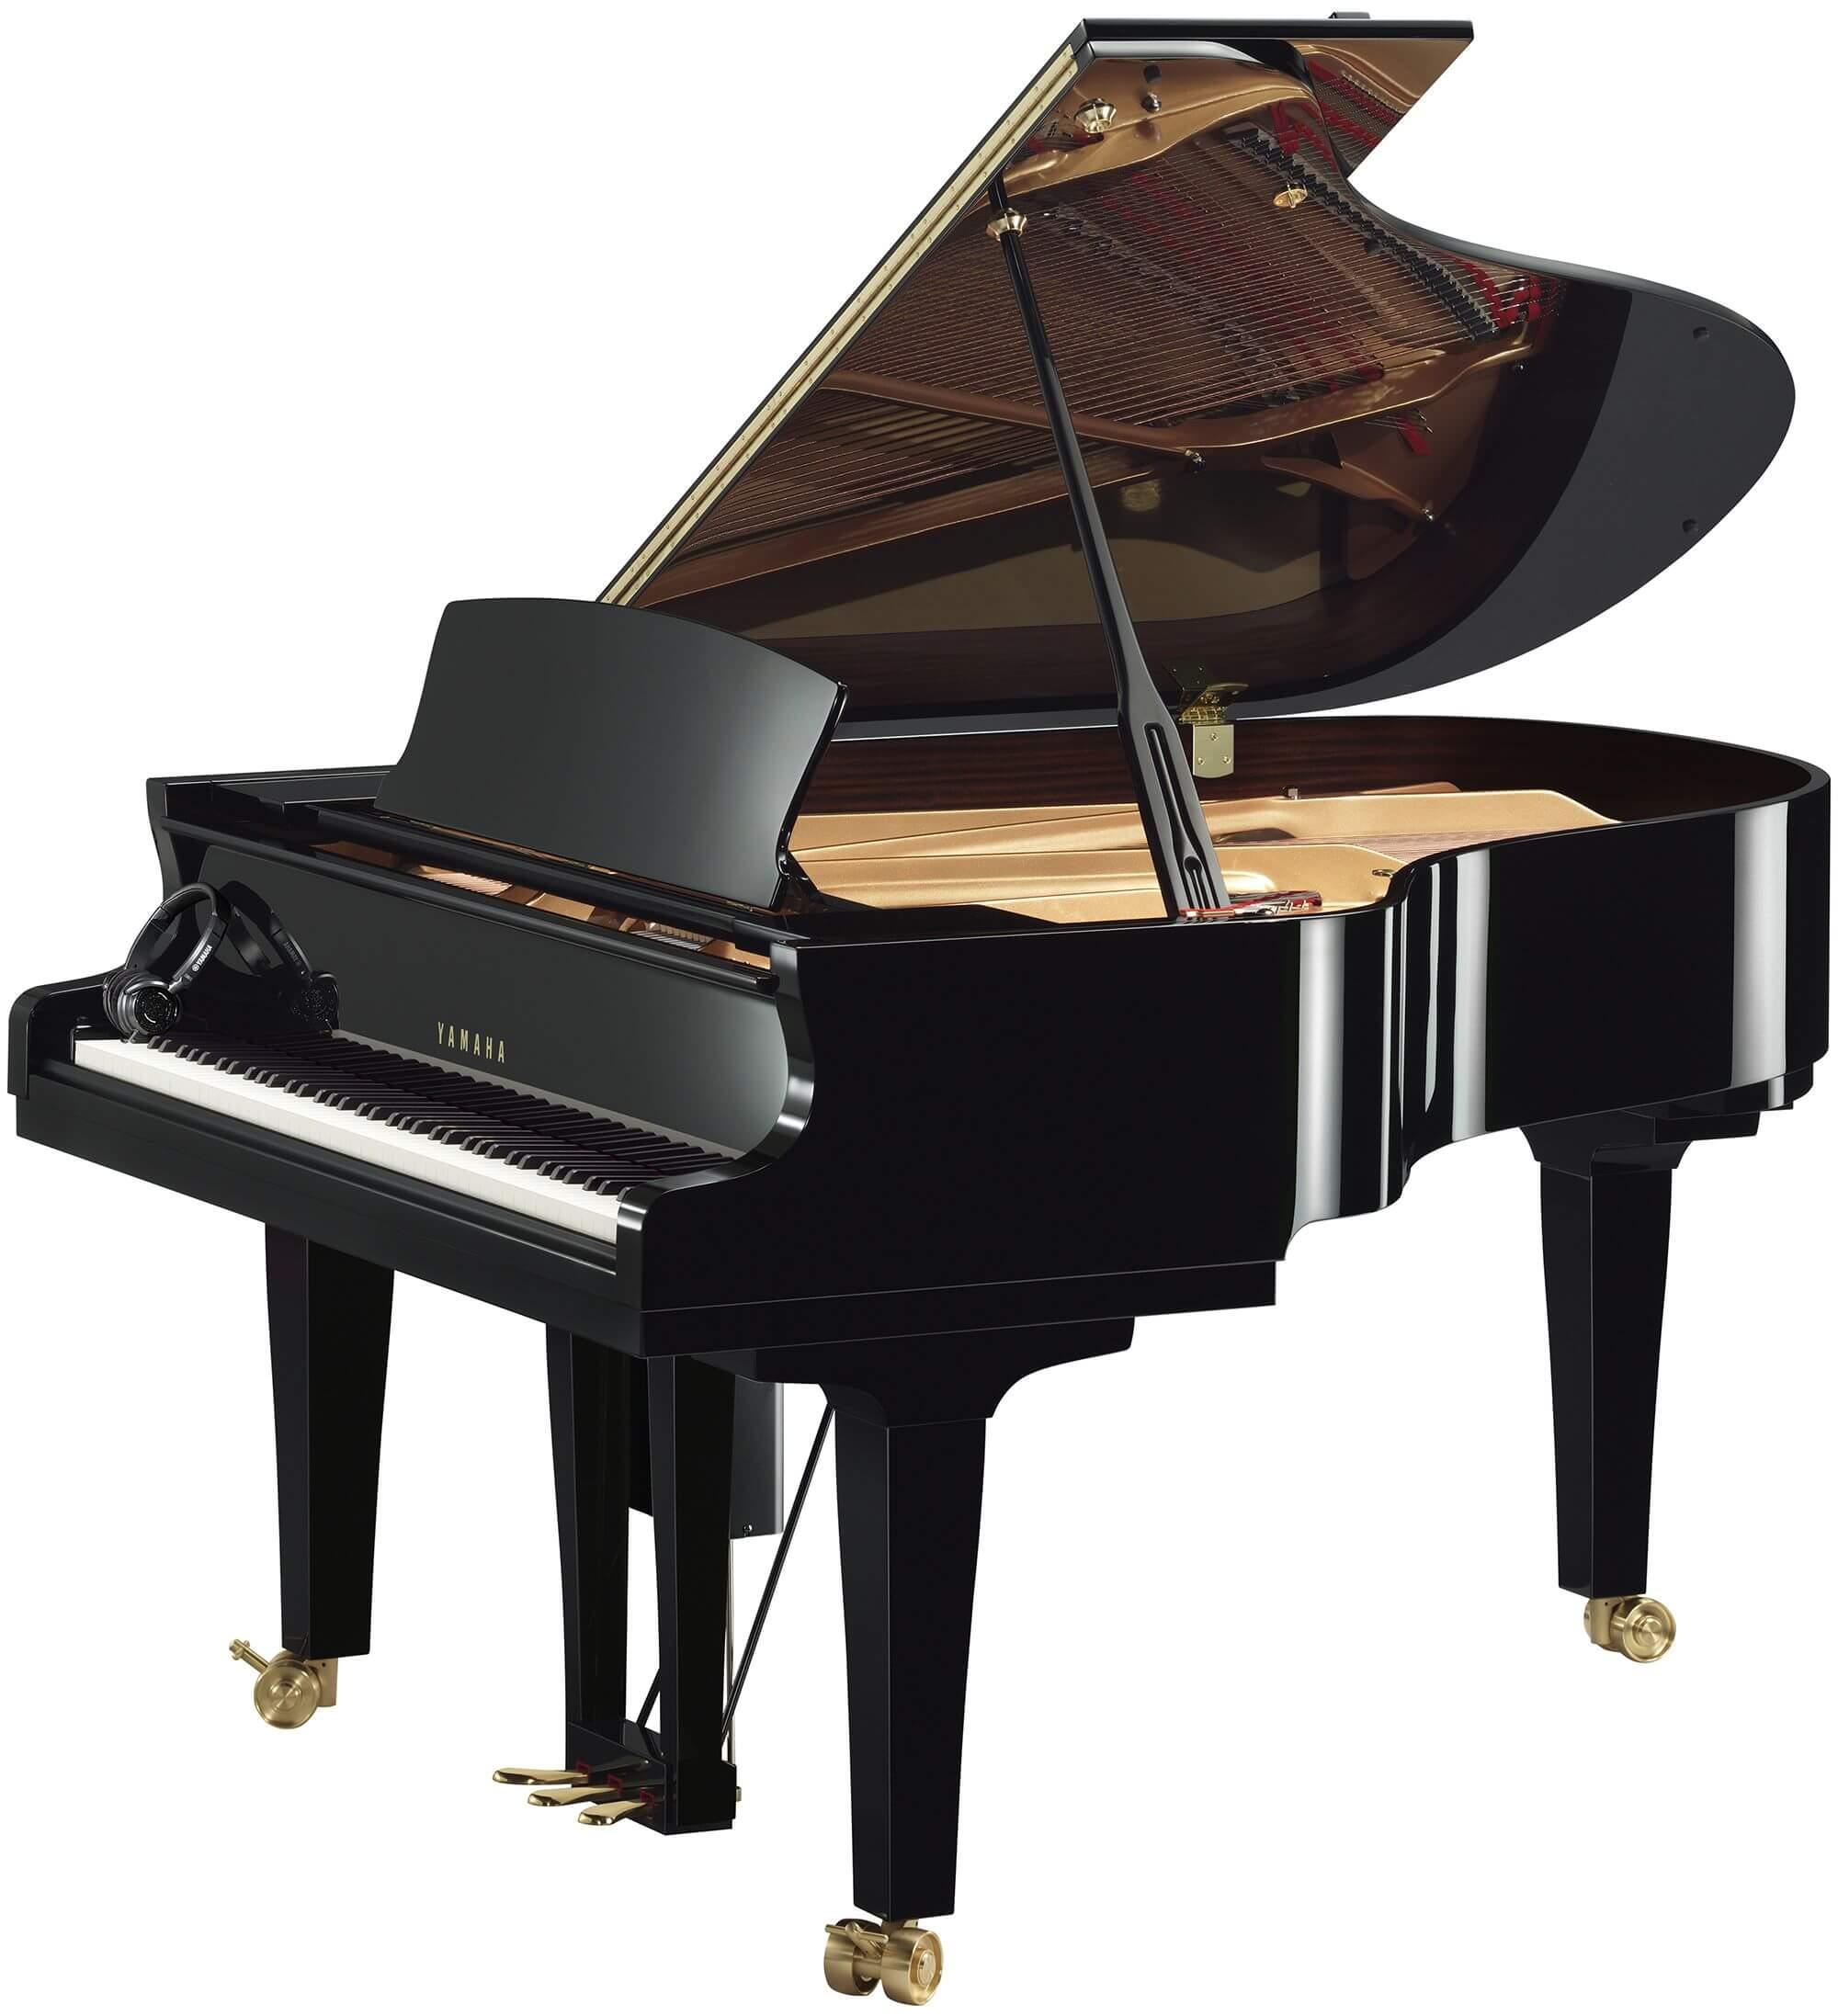 Piano de Cola Disklavier Yamaha S3X ENSPIRE PRO 186Cm Negro pulido